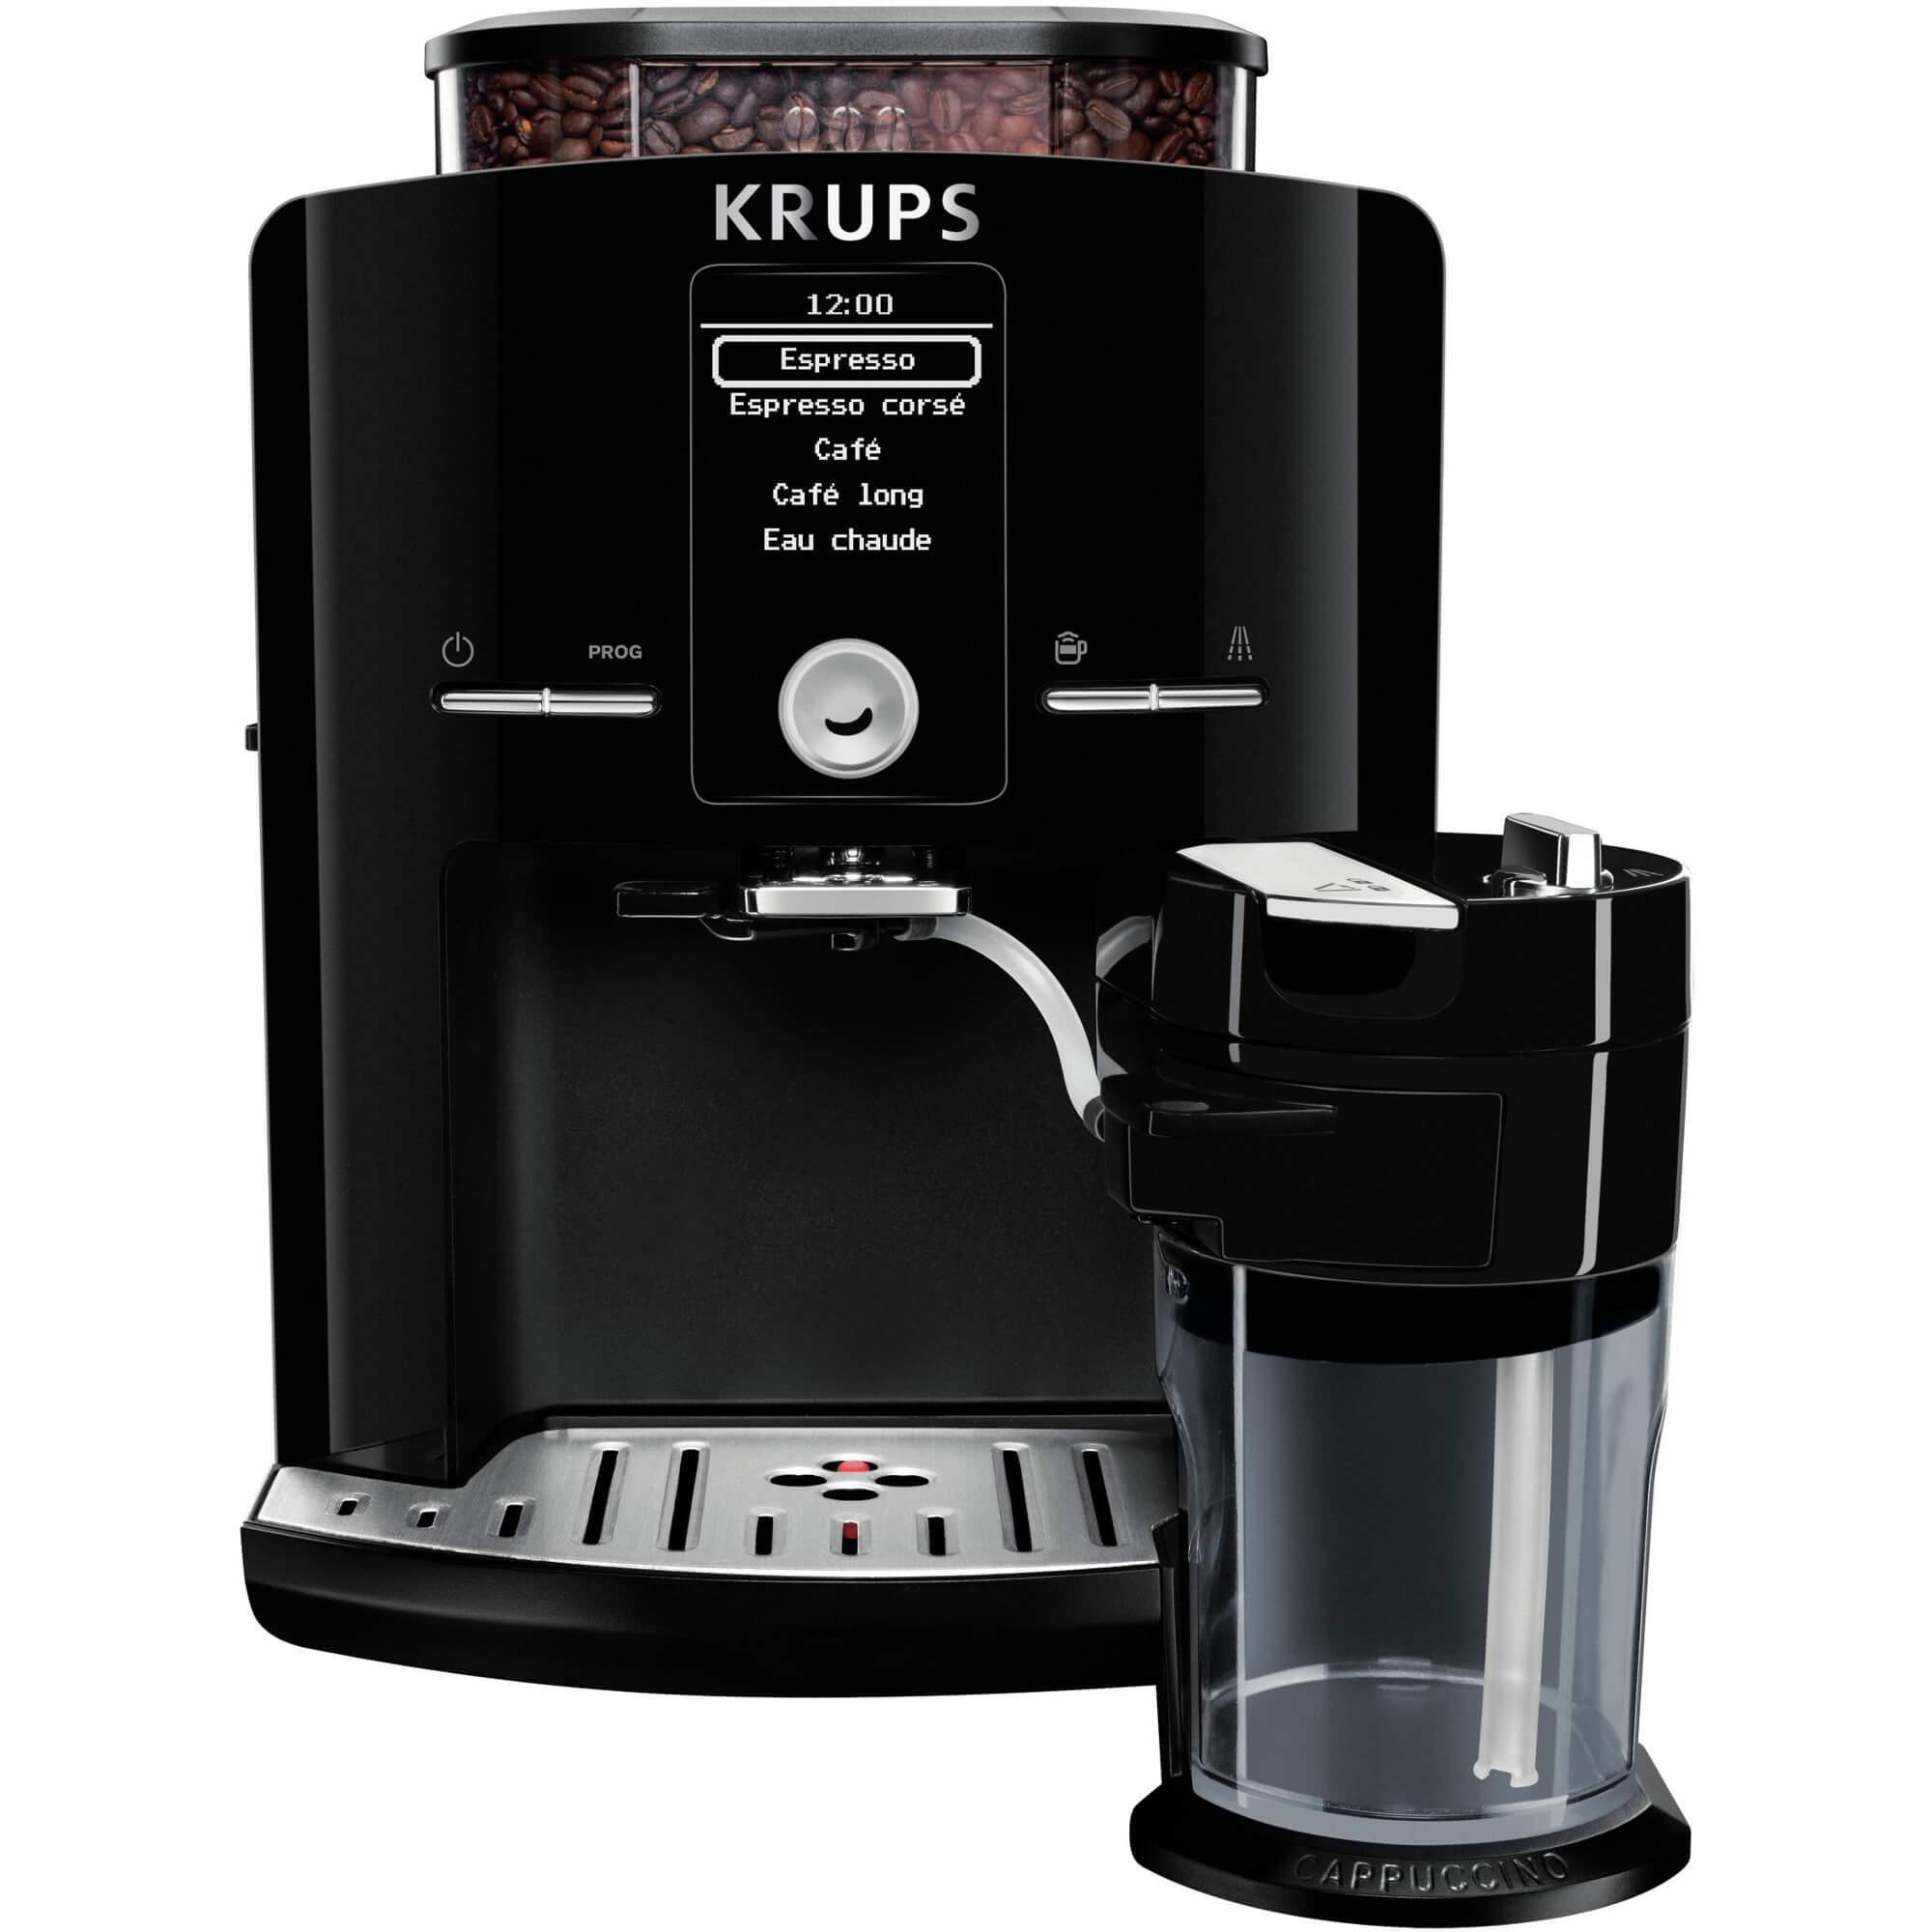 Espressor Automat Krups Ea829810, 1450 W, 1.7 L, 15 Bar, Negru